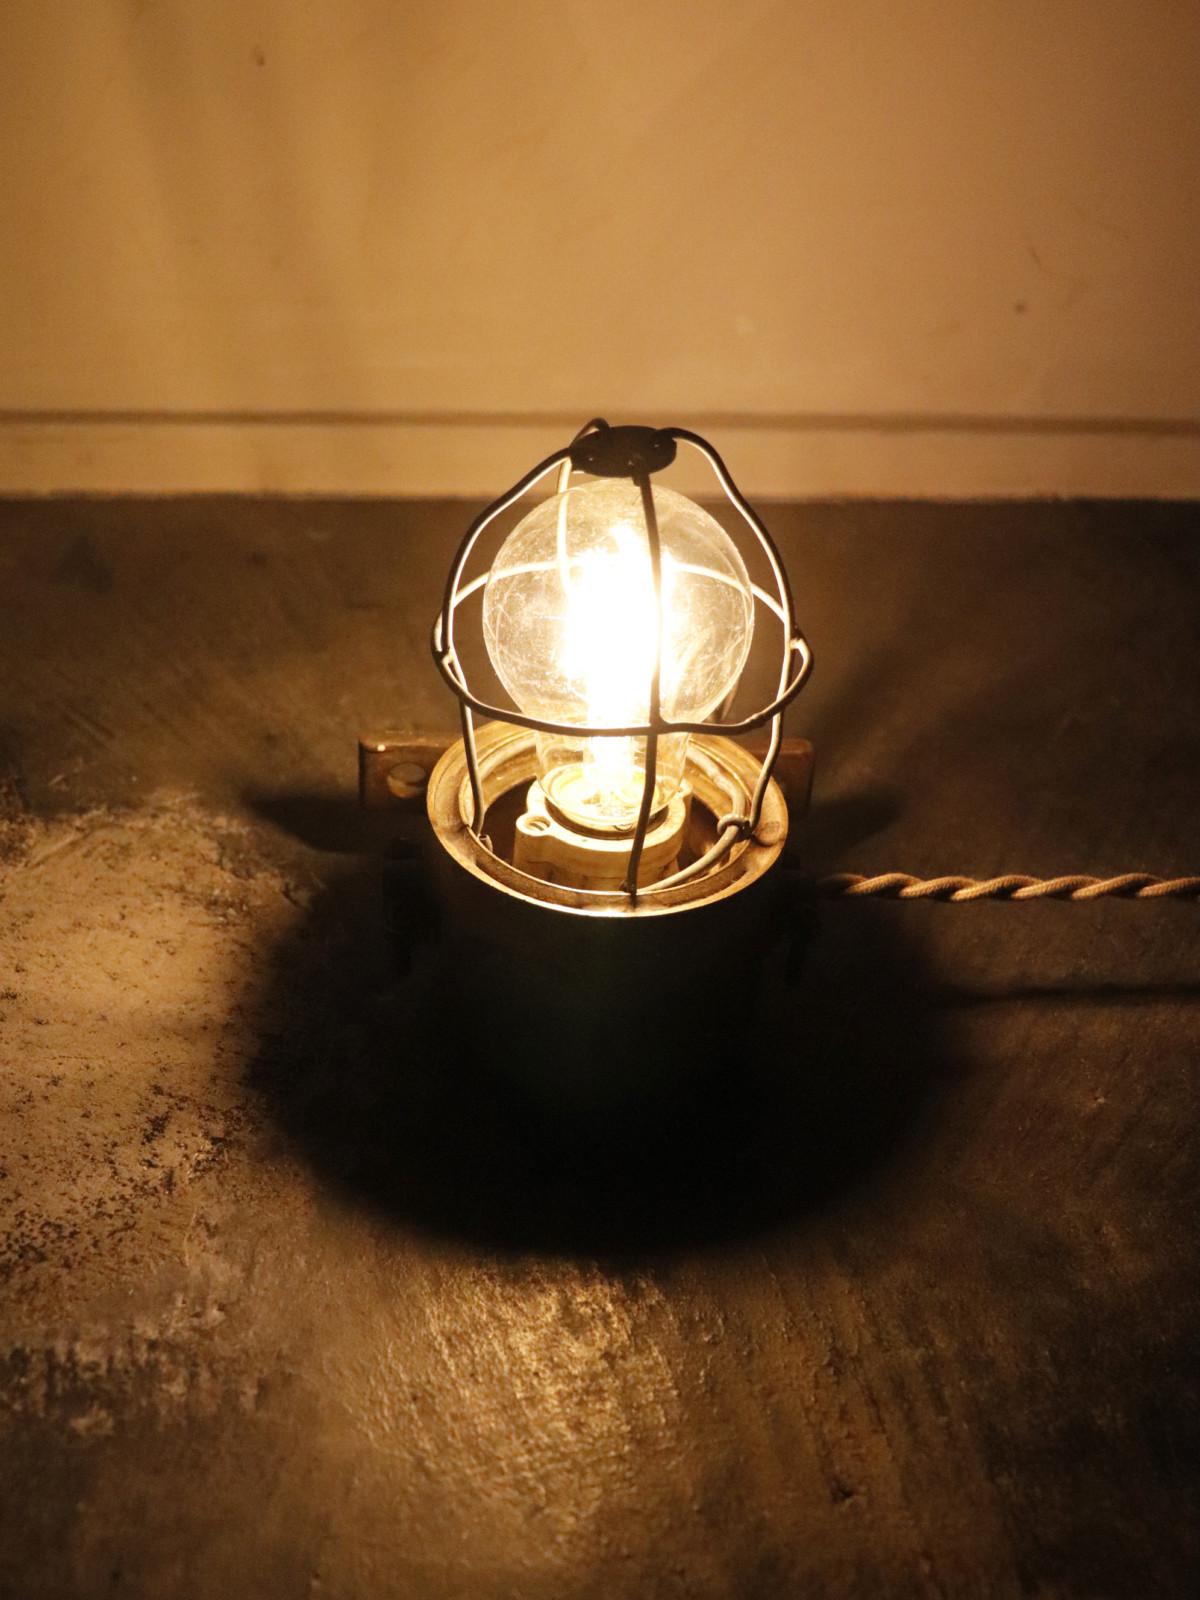 desk marine lamp,usa,vintage